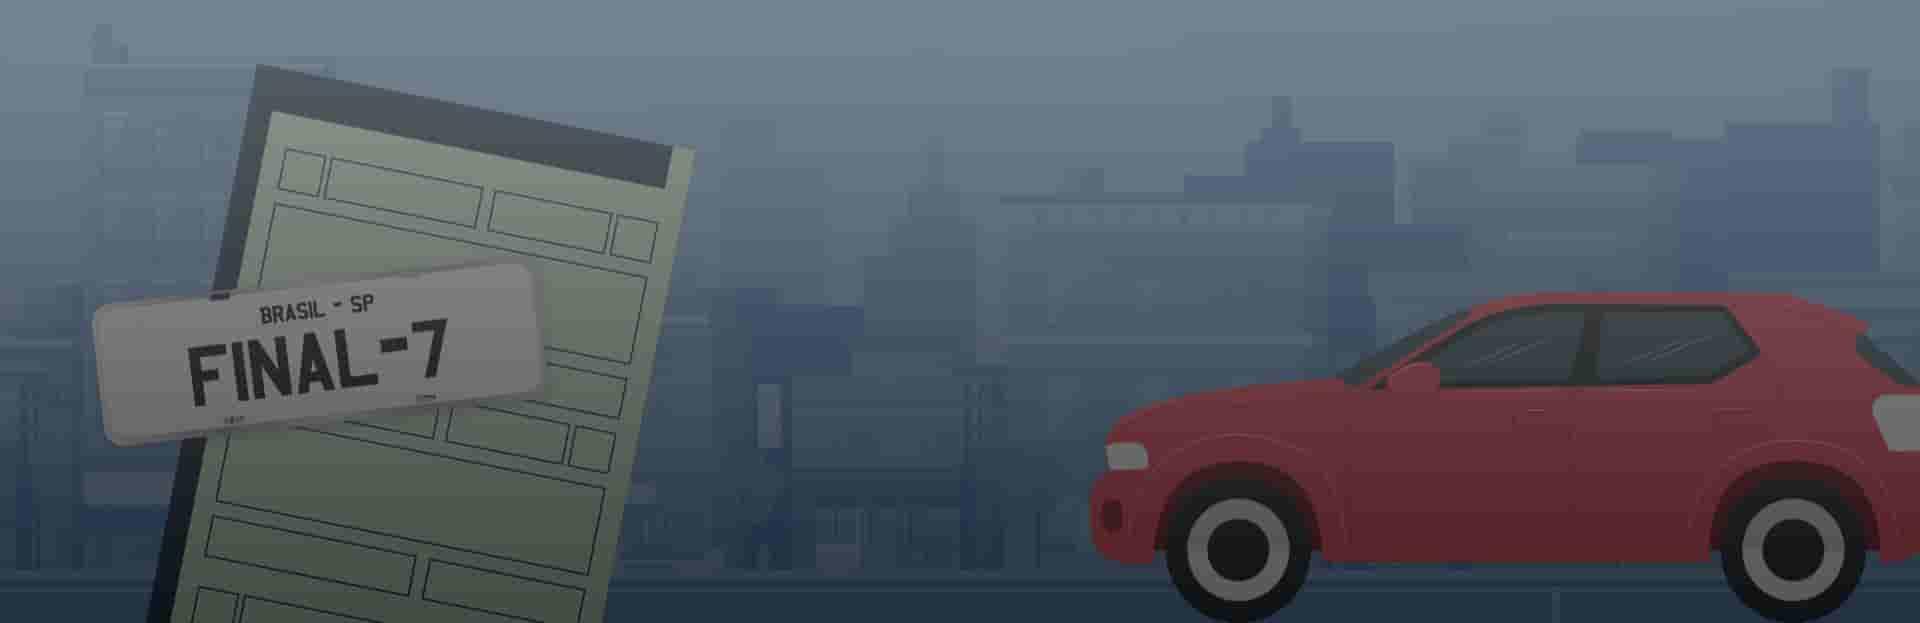 Licenciamento final 7, Ilustração de carro e placa